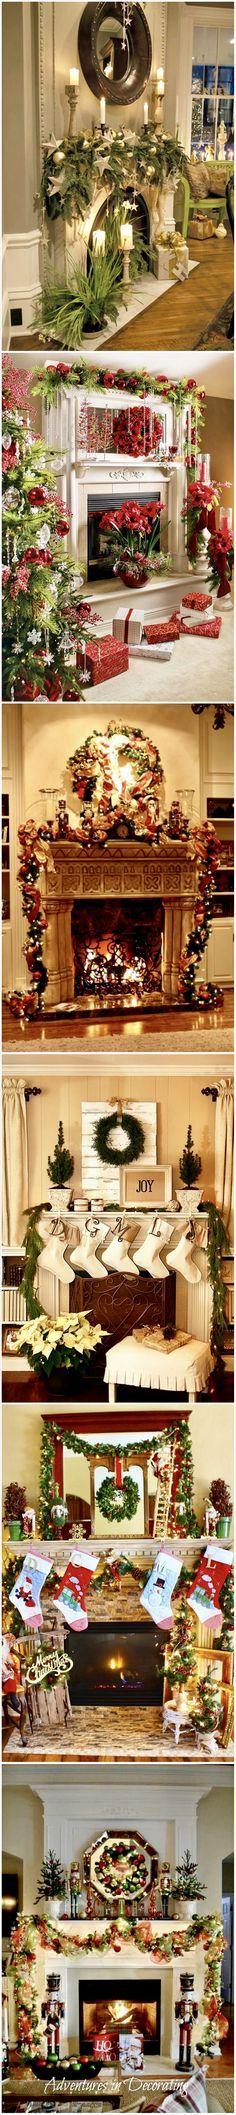 Christmas mantle decorating ideas #christmasdecorating